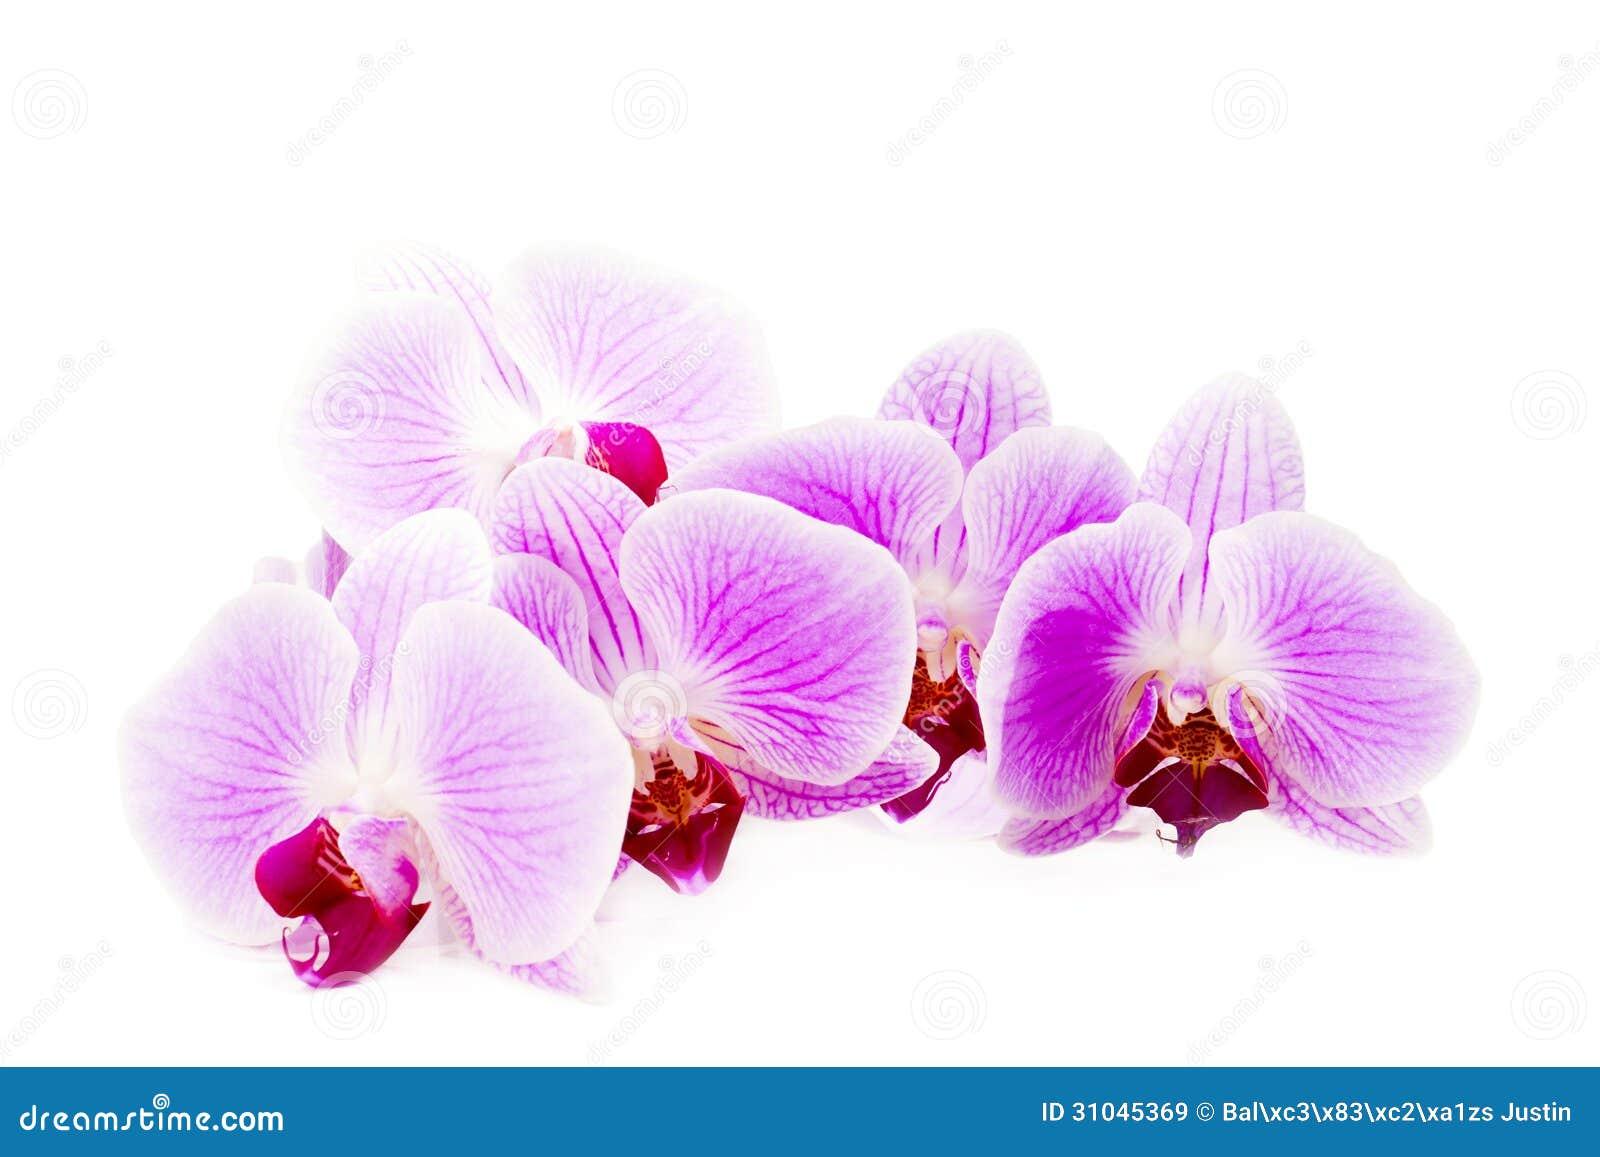 Flor rosada hermosa de la orquídea en el fondo blanco.